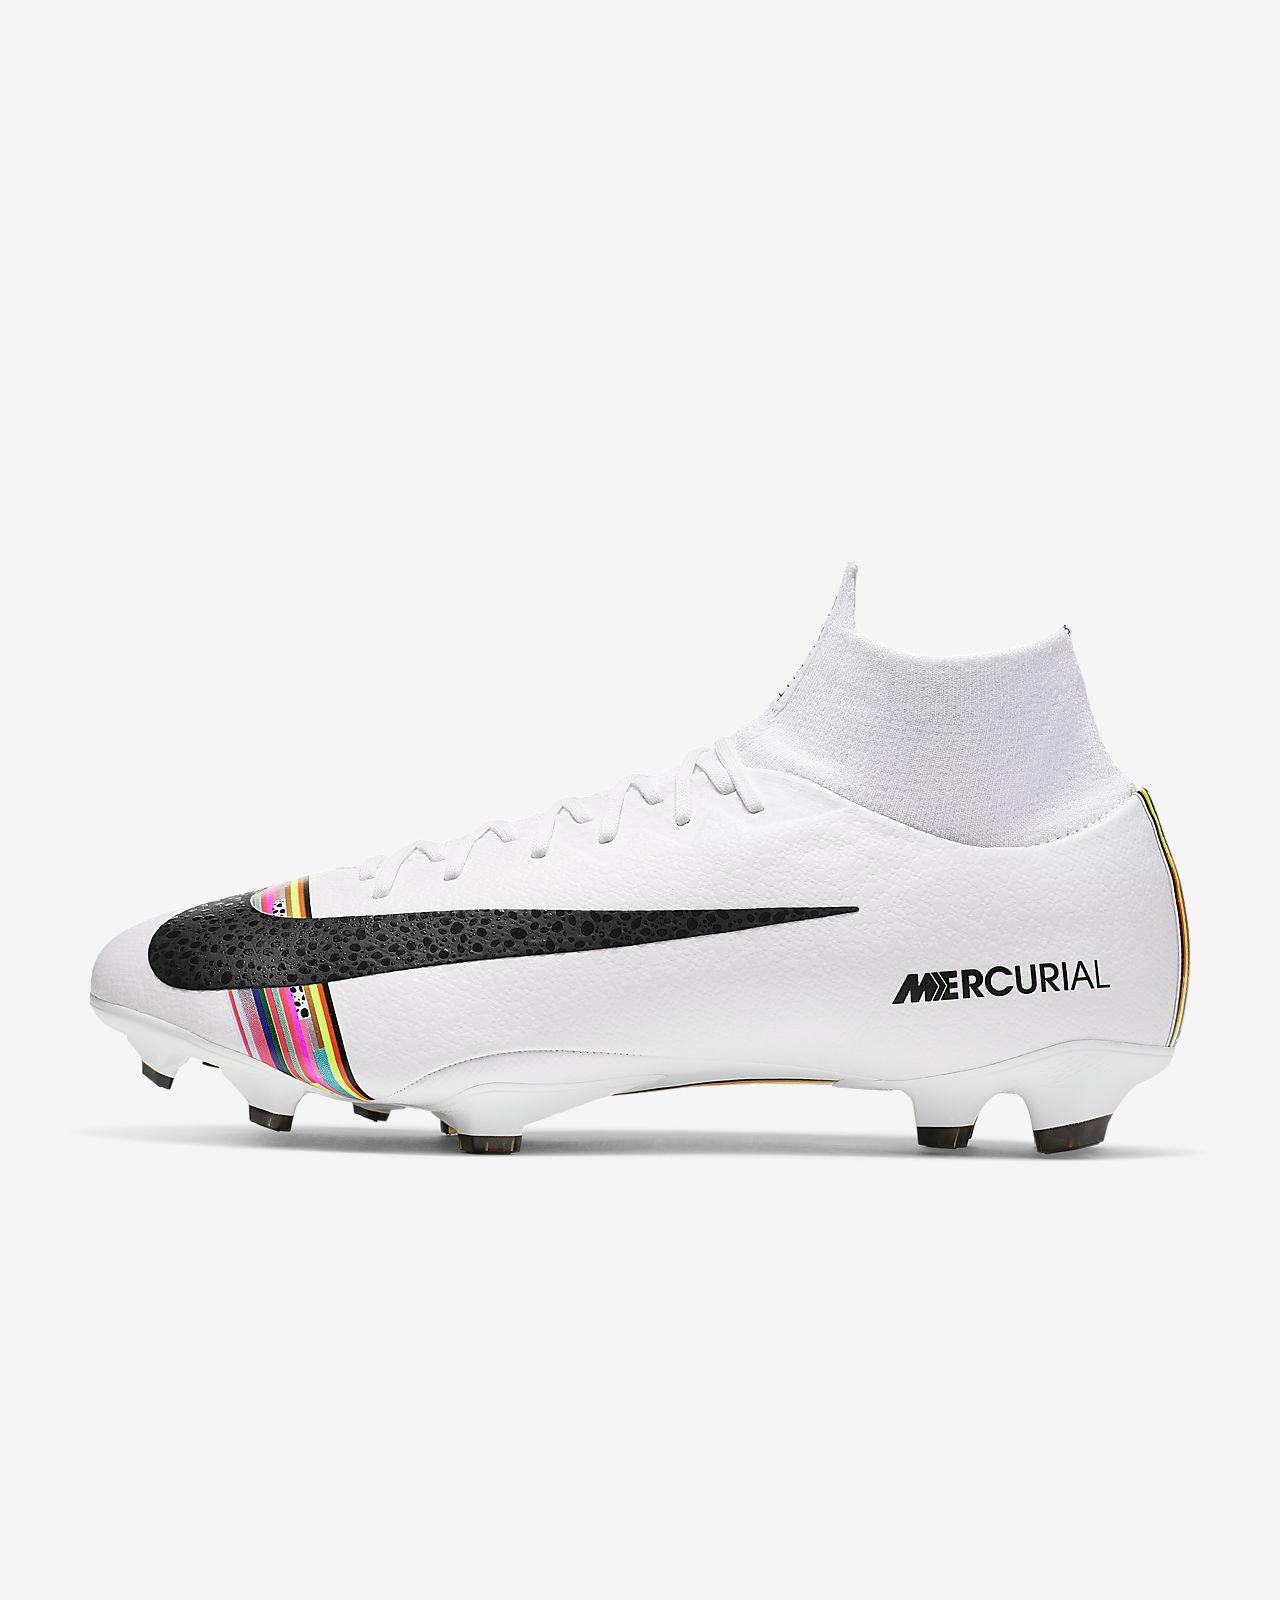 Ποδοσφαιρικό παπούτσι για σκληρές επιφάνειες Nike Superfly 6 Pro LVL UP FG